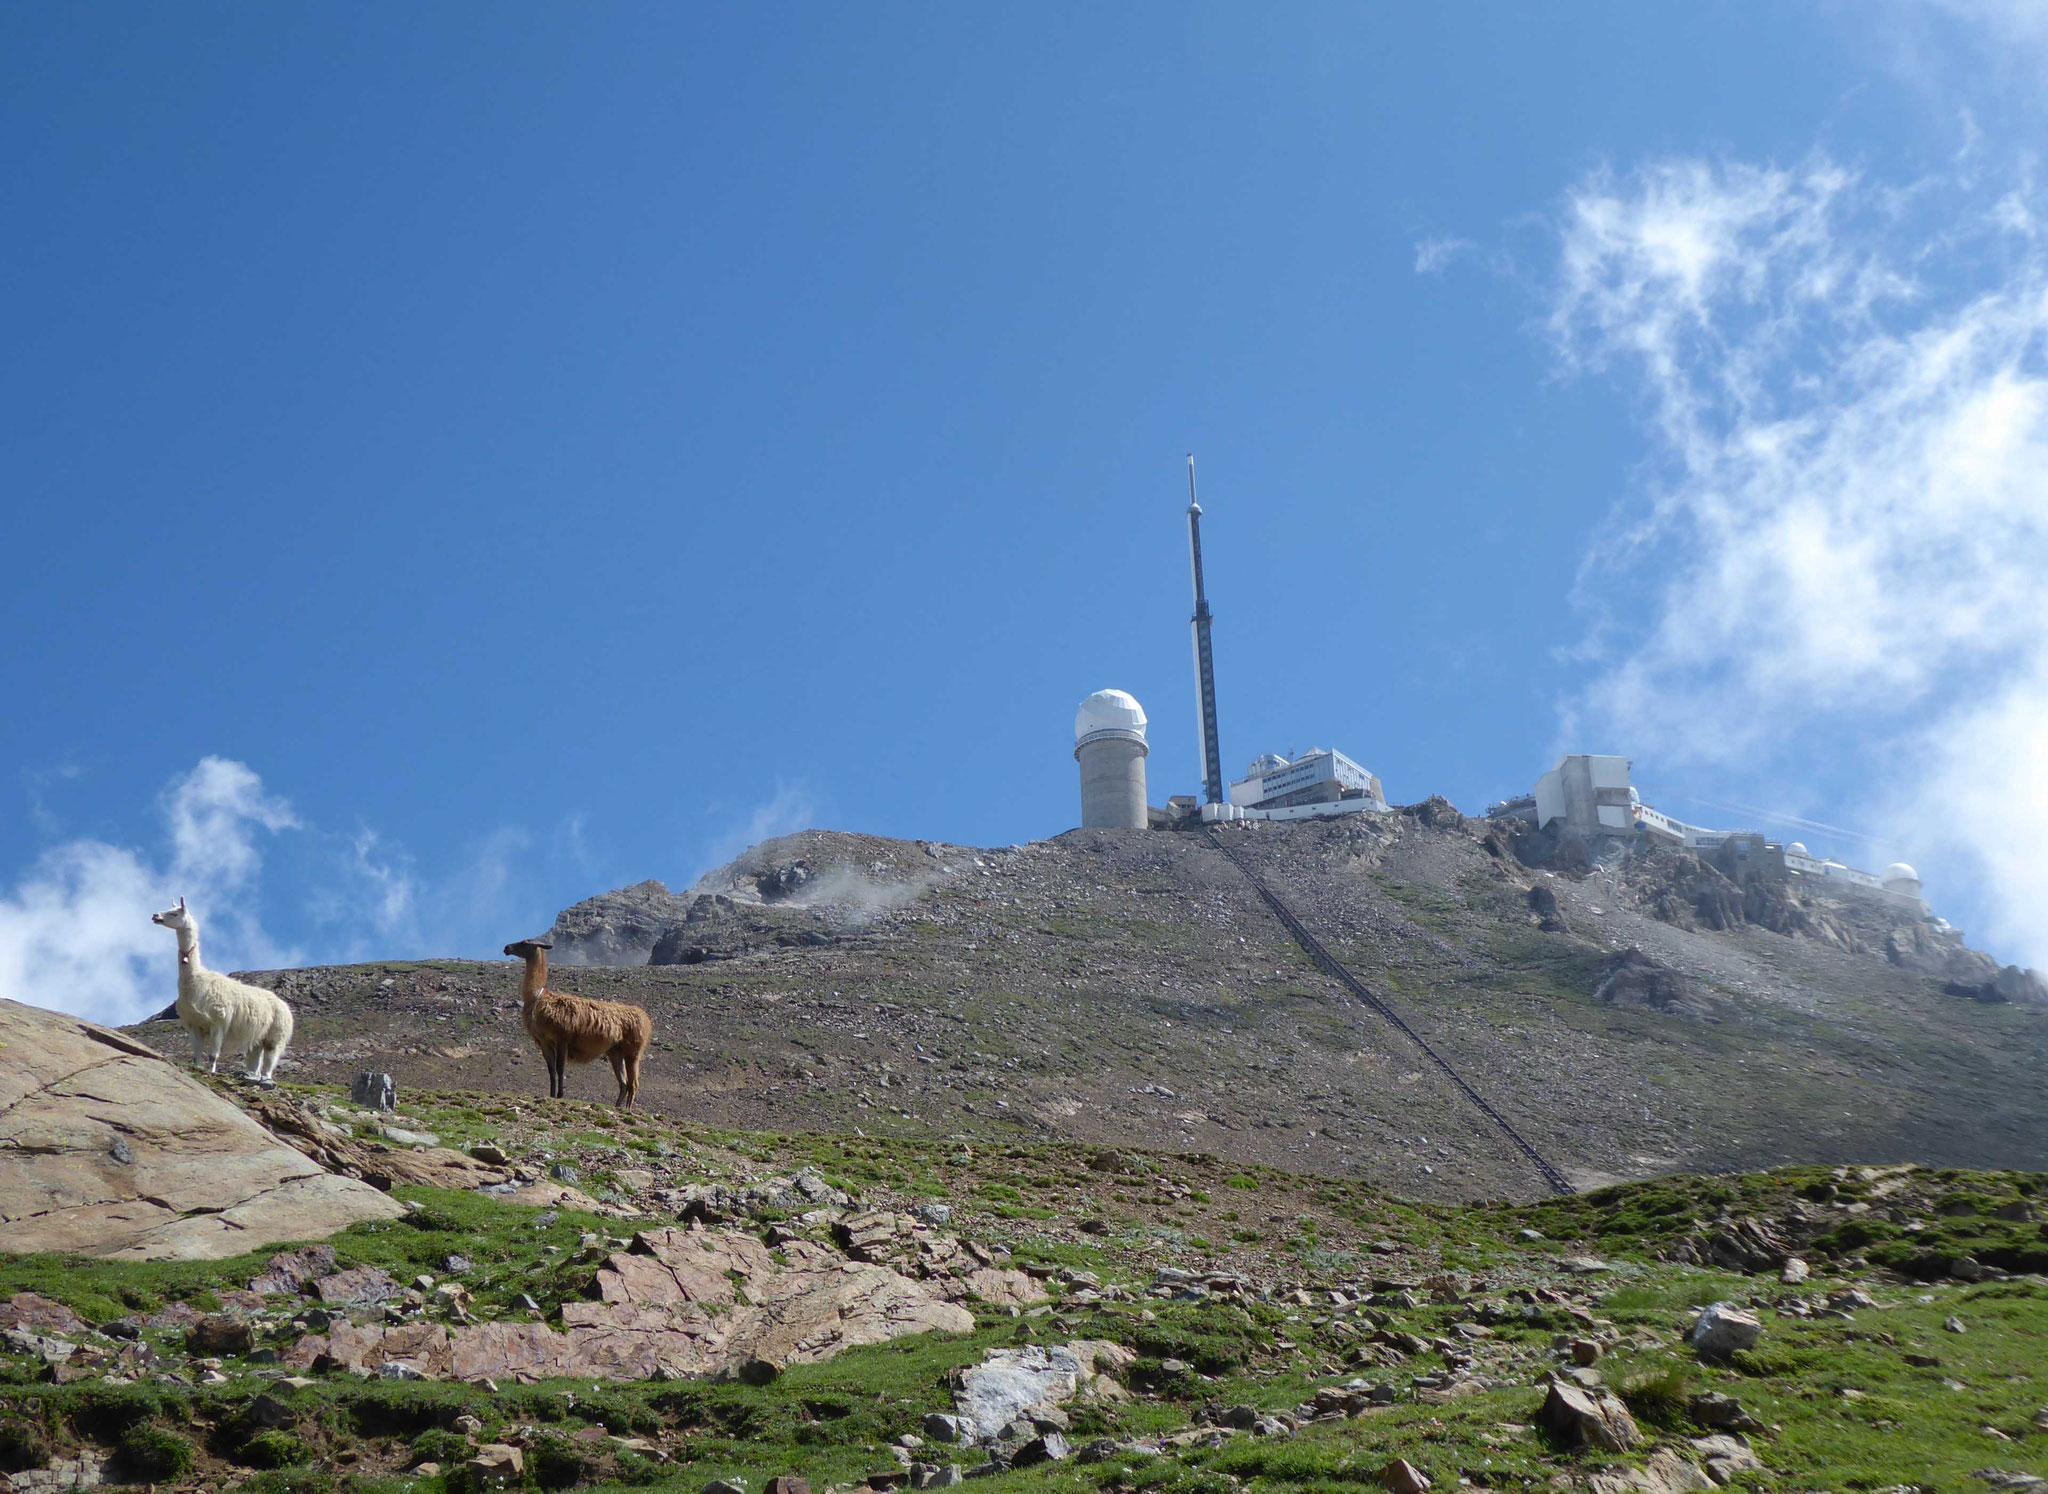 """L'altitude aurait-elle des effets sur les """"animaux pyrénéens"""" ?"""